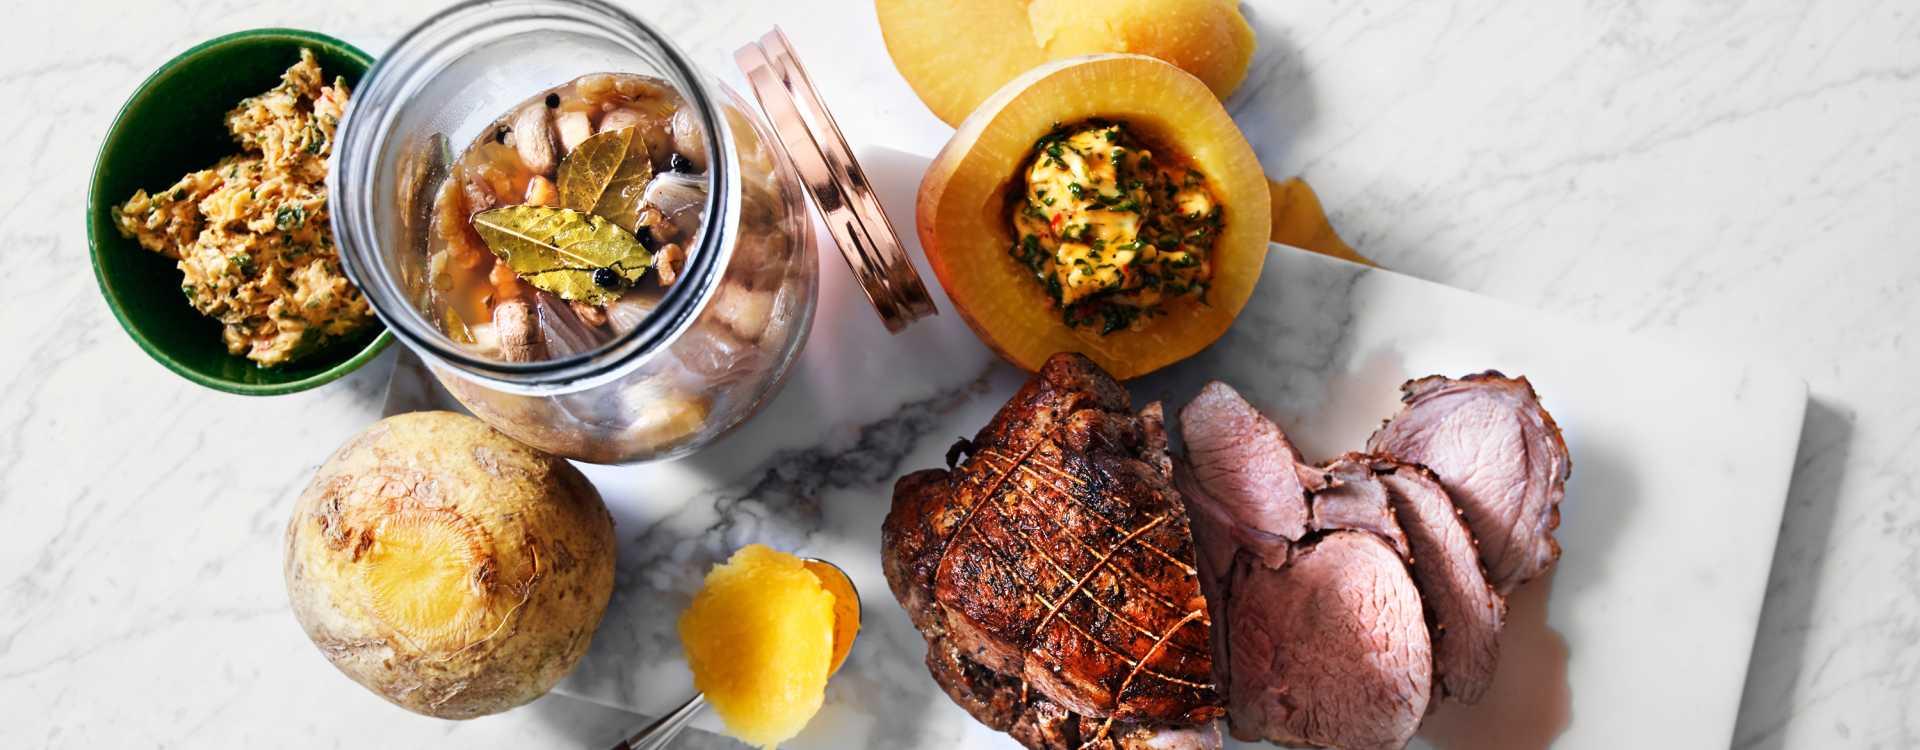 Helstekt lammestek med syltede sjampinjonger og bakt kålrot